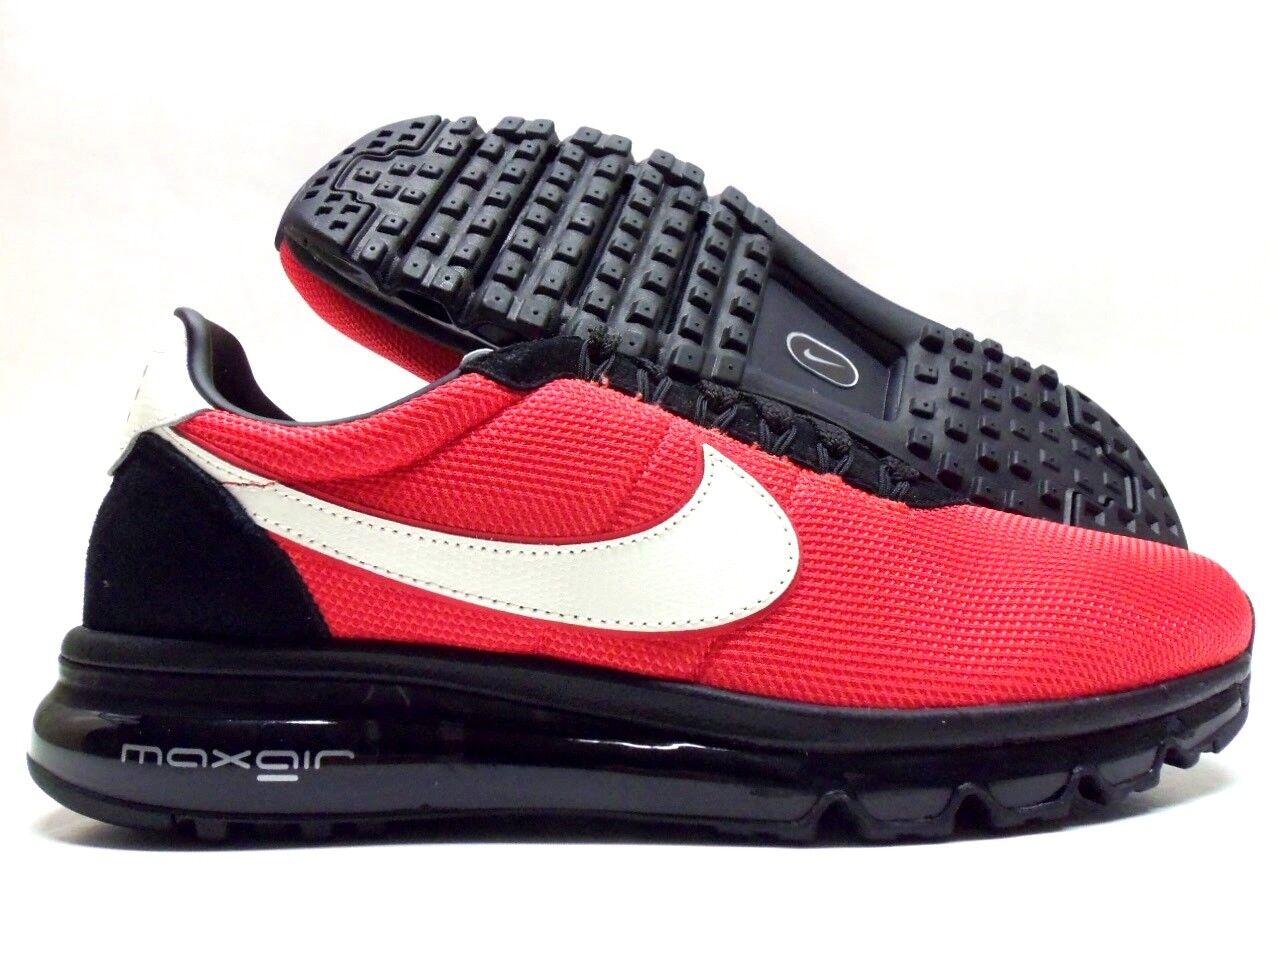 Nike zoom tutti bassi Uomo 878670-015 nero concord maglie scarpe taglia